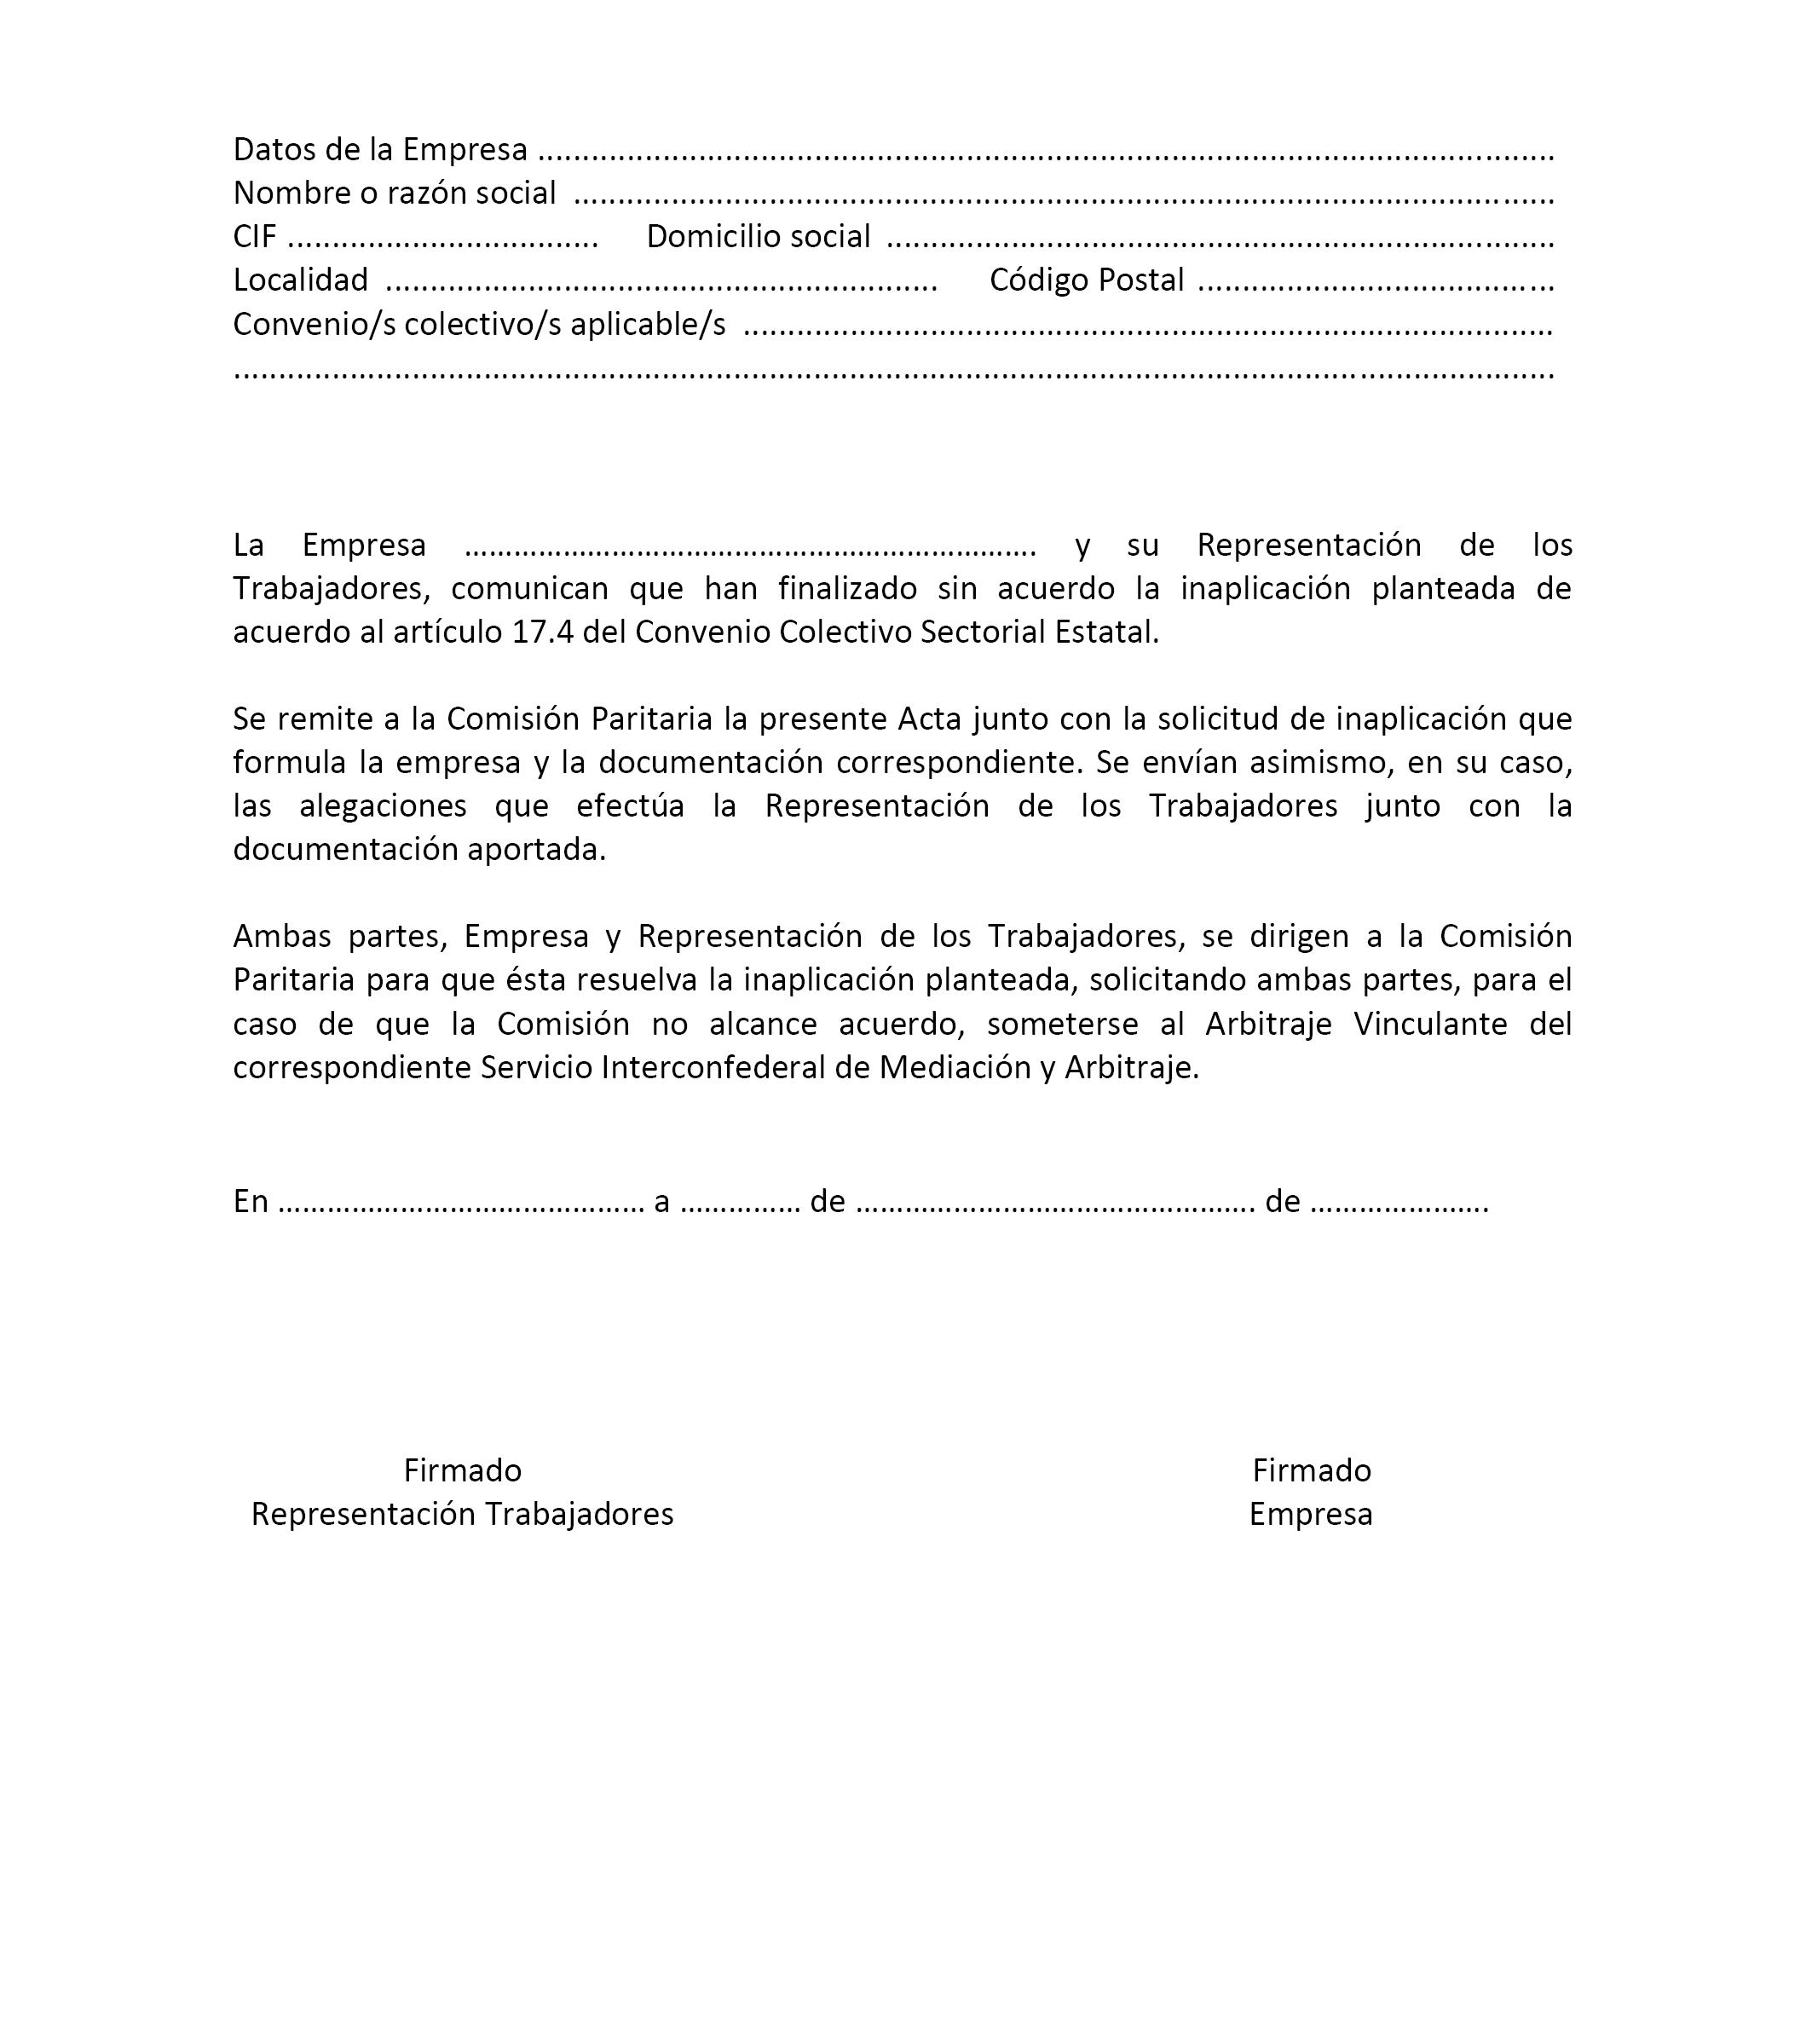 Documento boe a 2017 10951 for Formulario desistimiento